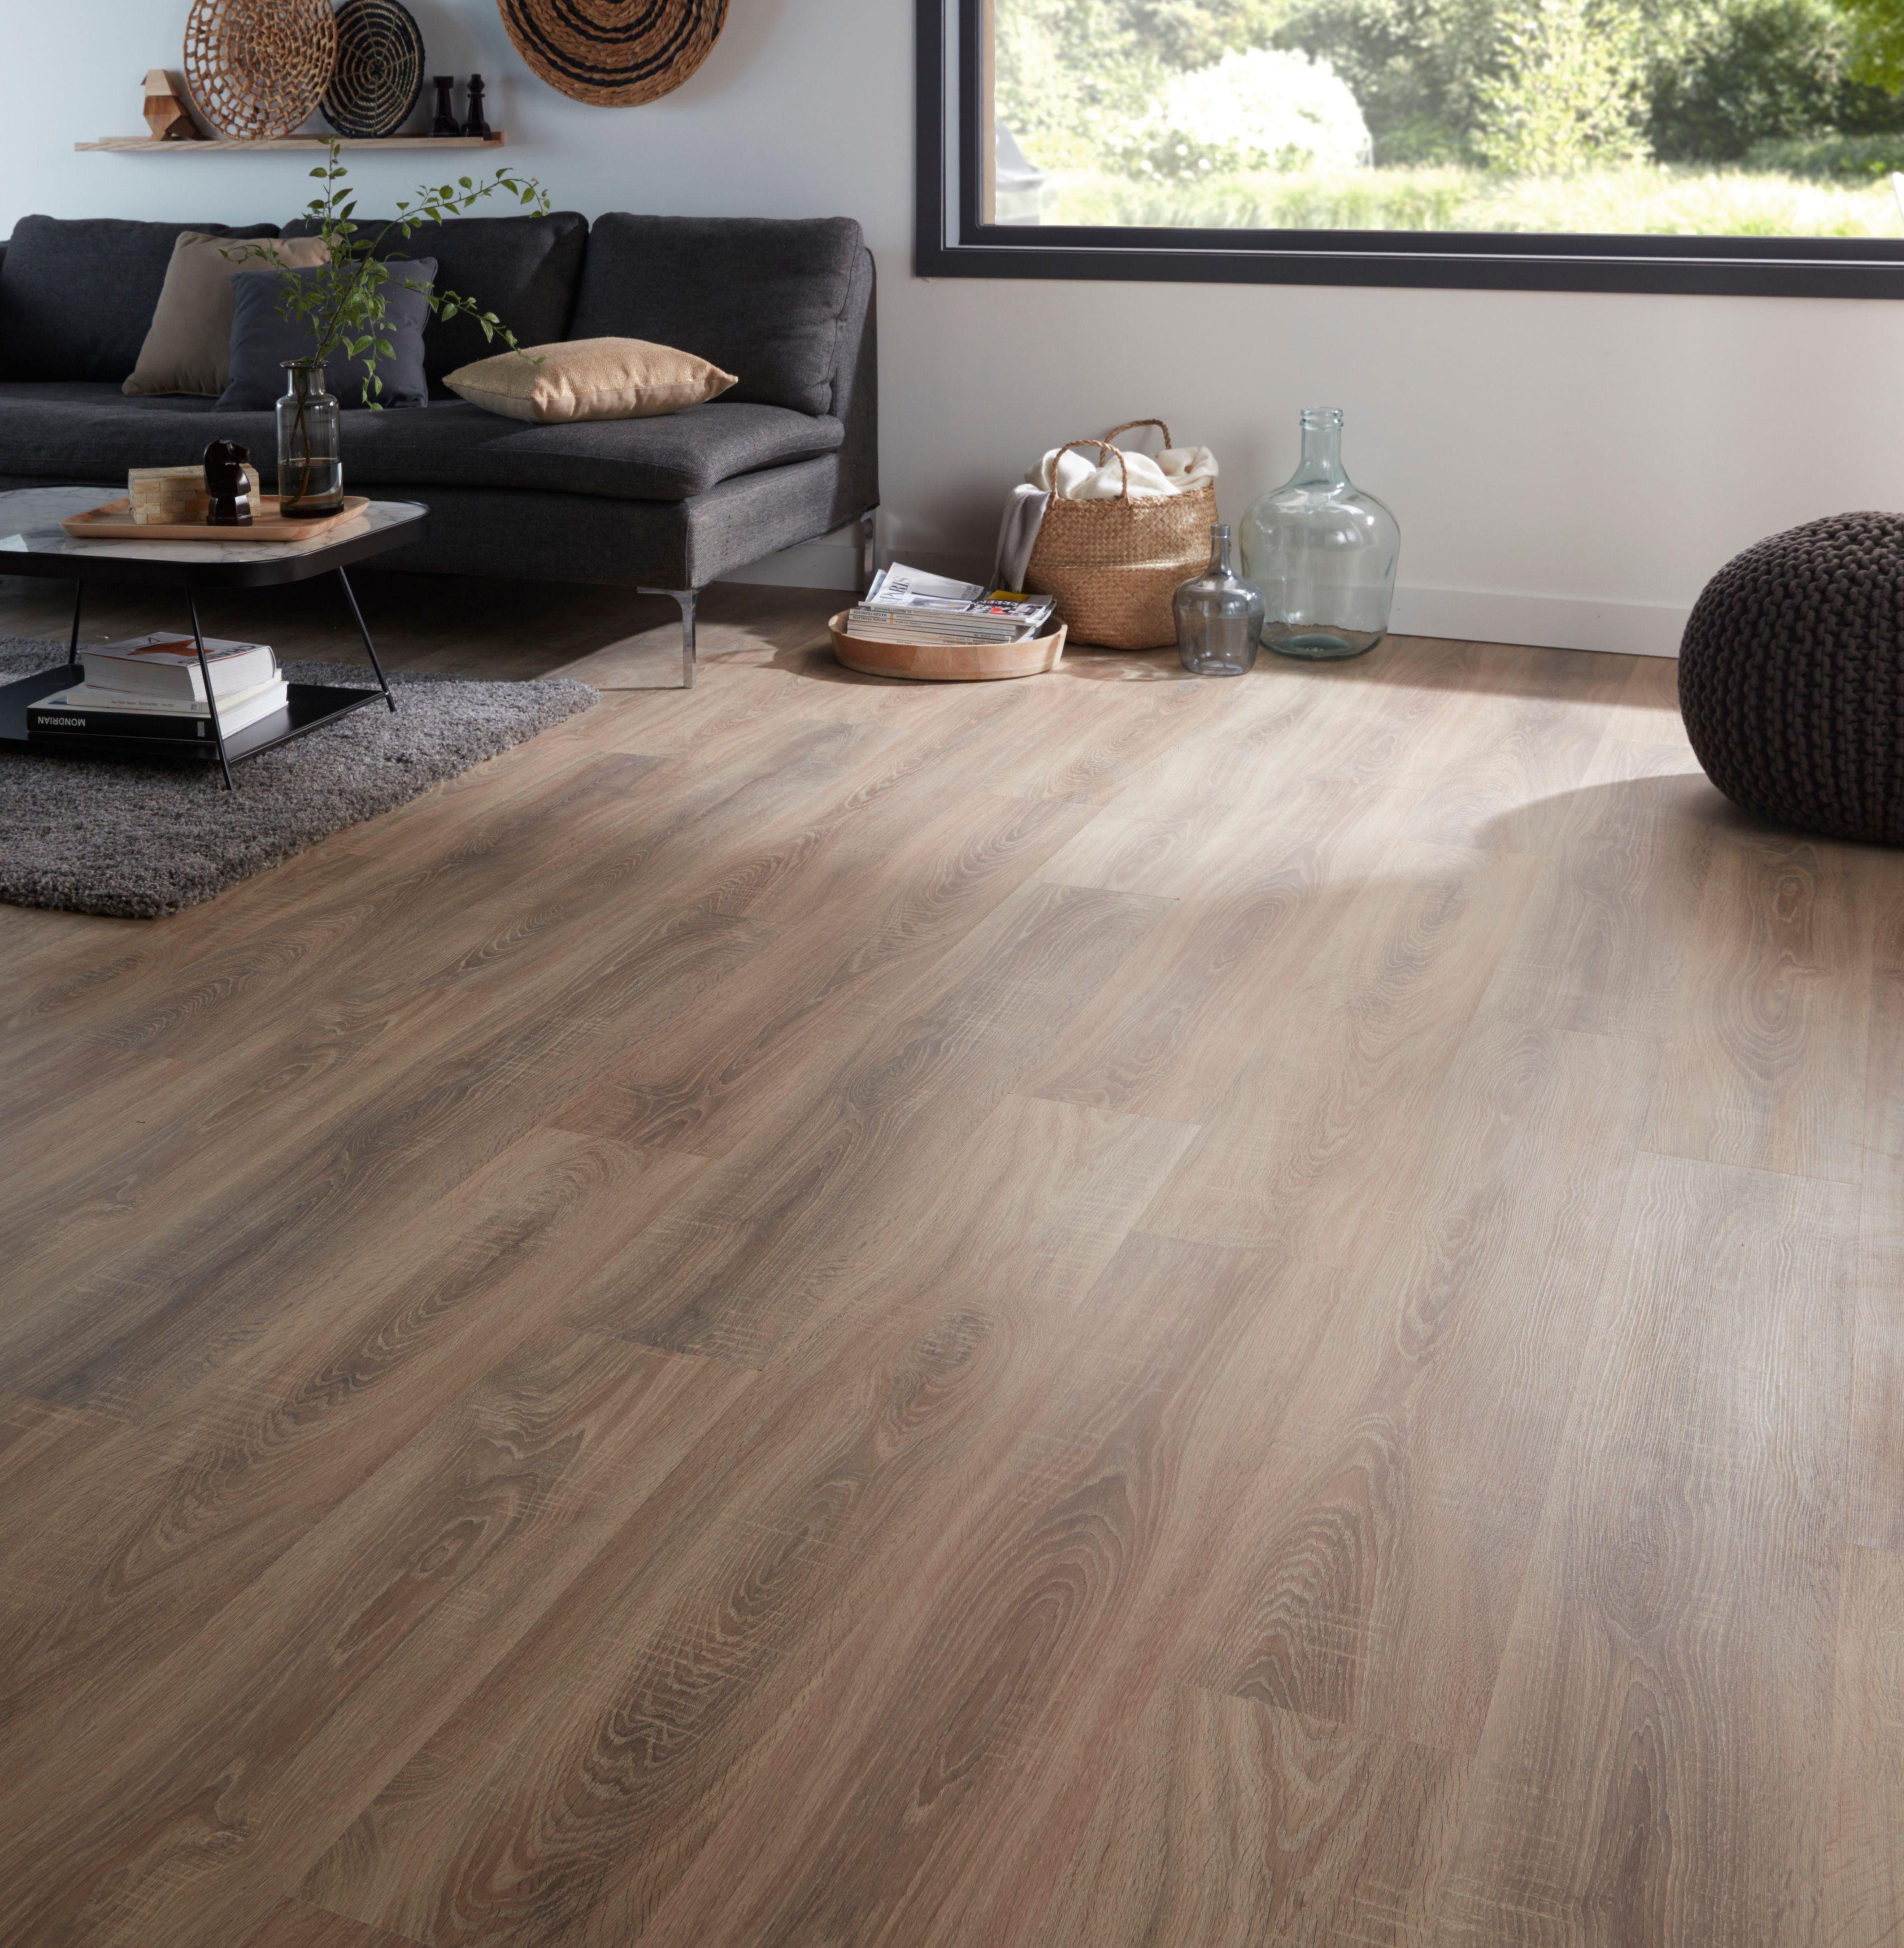 Albury Natural Oak Effect Laminate Flooring Pack